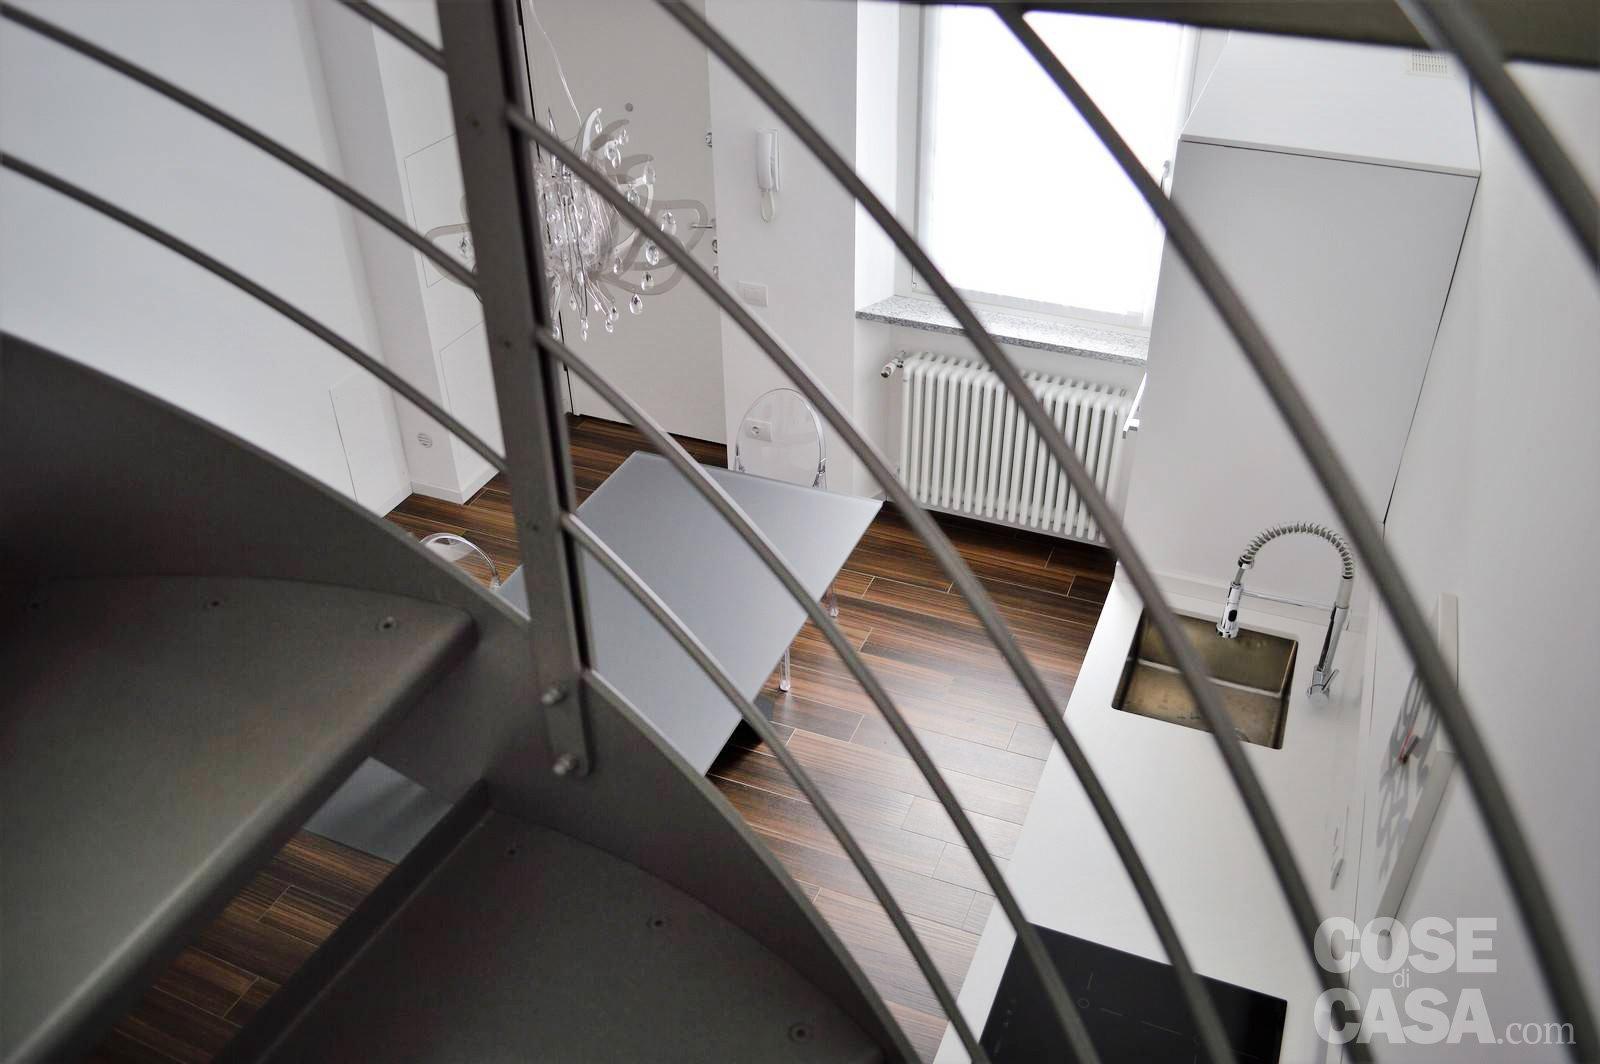 Una mansarda con scala elicoidale e pavimento in piastrelle